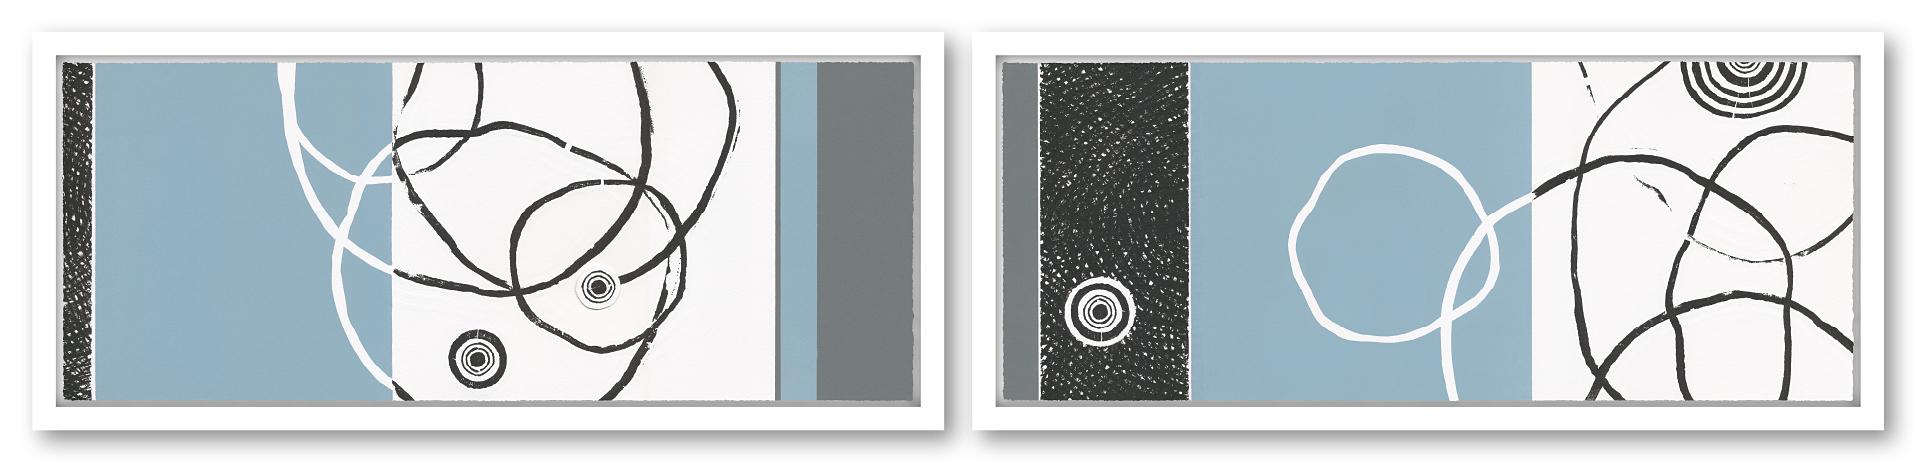 VARIATION BAUMELEMENTE III+IV I Unikat | 2-teilig | Handabzug von Baumscheiben / Monotypie | 27 x 128 cm [gerahmt] | 2018